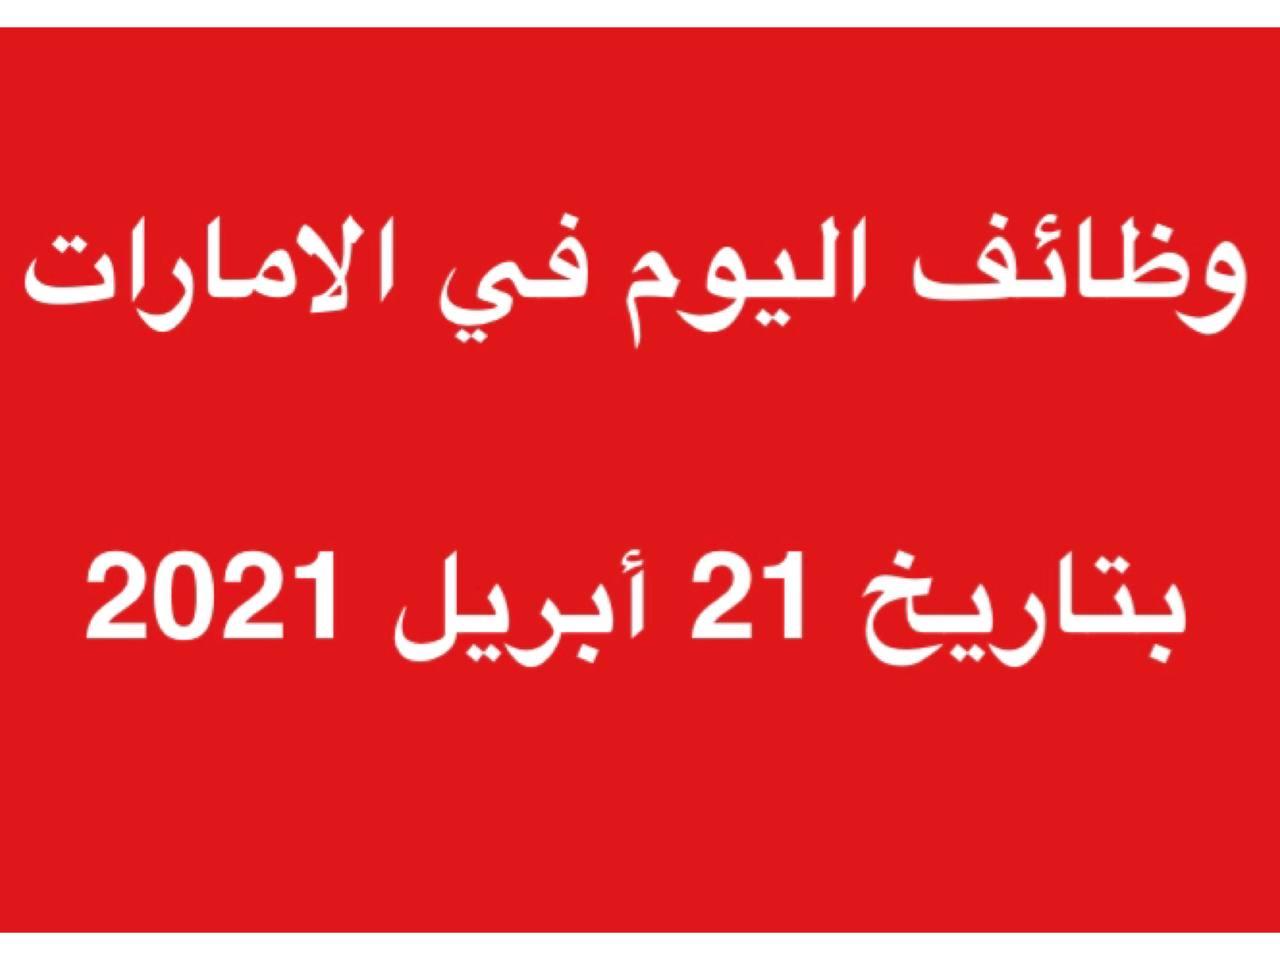 وظائف الامارات اليوم   بتاريخ ( 21 أبريل 2021 ) لكلٍ من المواطنين والمقيمين بدولة الامارات  وظائف الامارات اليوم بتاريخ 20 أبريل 2021 لعدة من التخصصات   وظائف أبريل 2021   وظائف خالية وفرص عمل بالامارات وحصل على وظيفة الان في الامارات  اليوم ( 21 أبريل 2021 ) لجميع التخصصات  يومي في دولة الامارات للمواطنين والمقيمين  بالامارات بتاريخ 21-4-2021